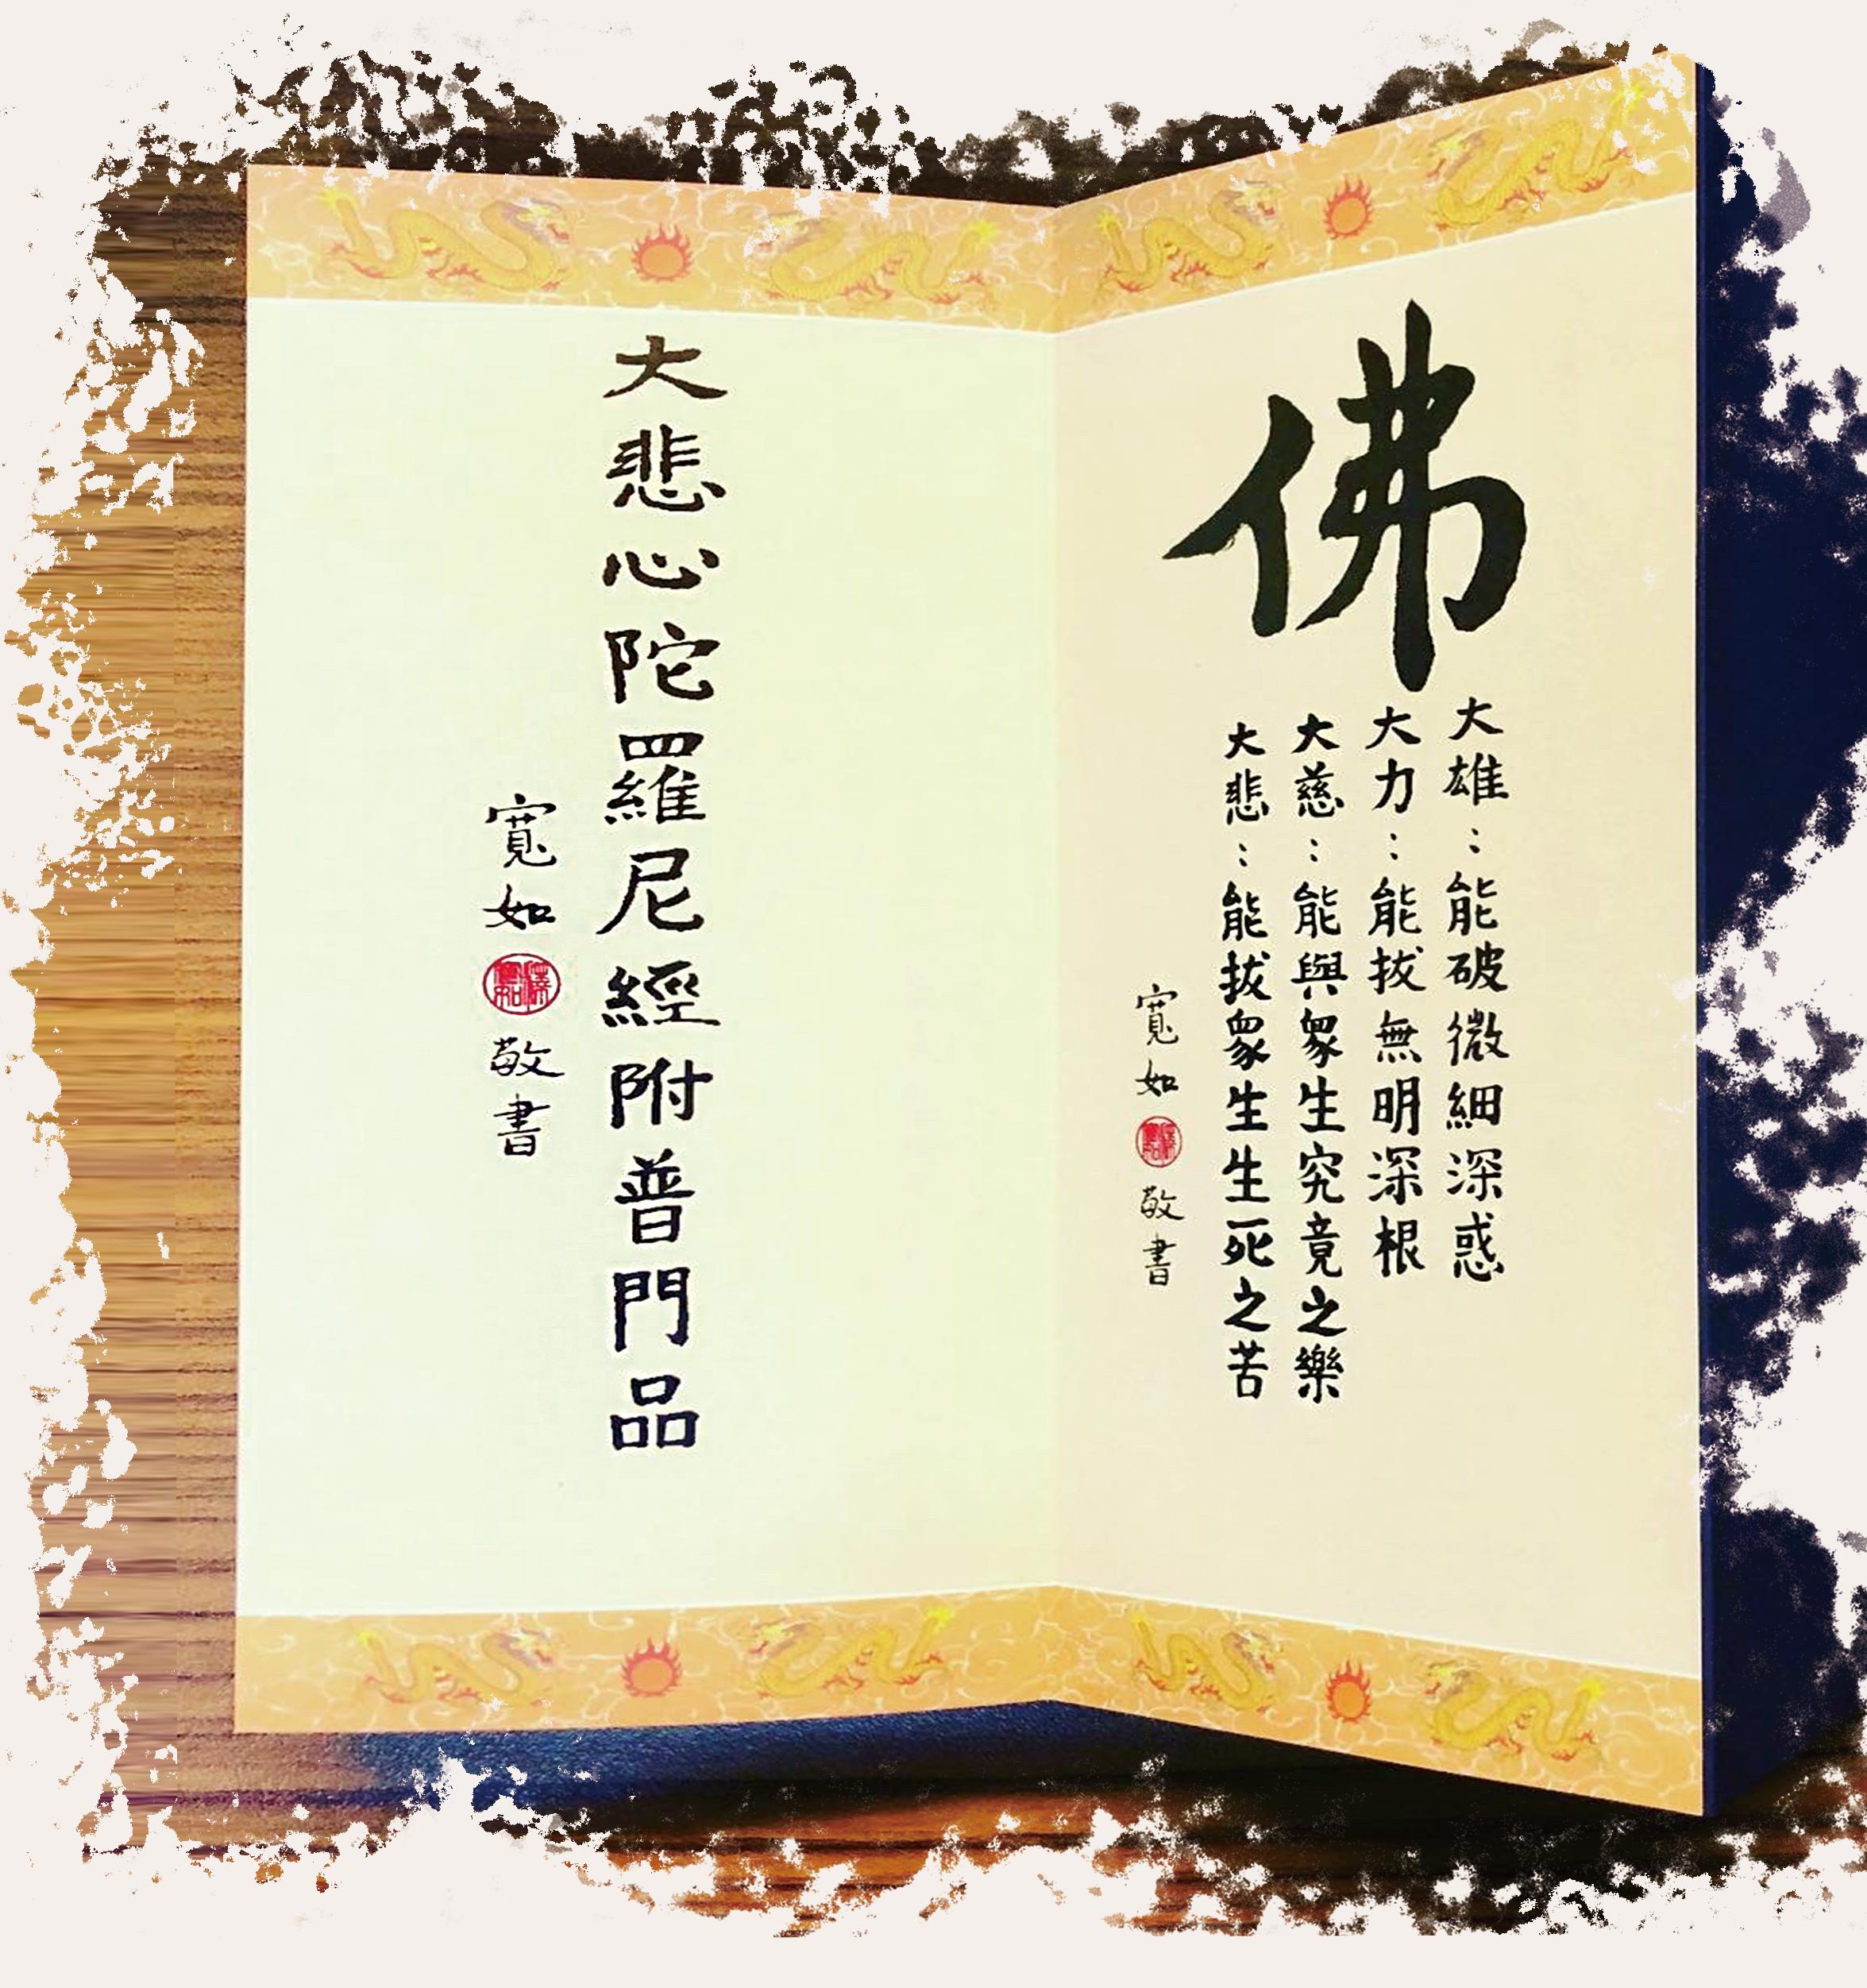 《大悲心陀羅尼經》12-10